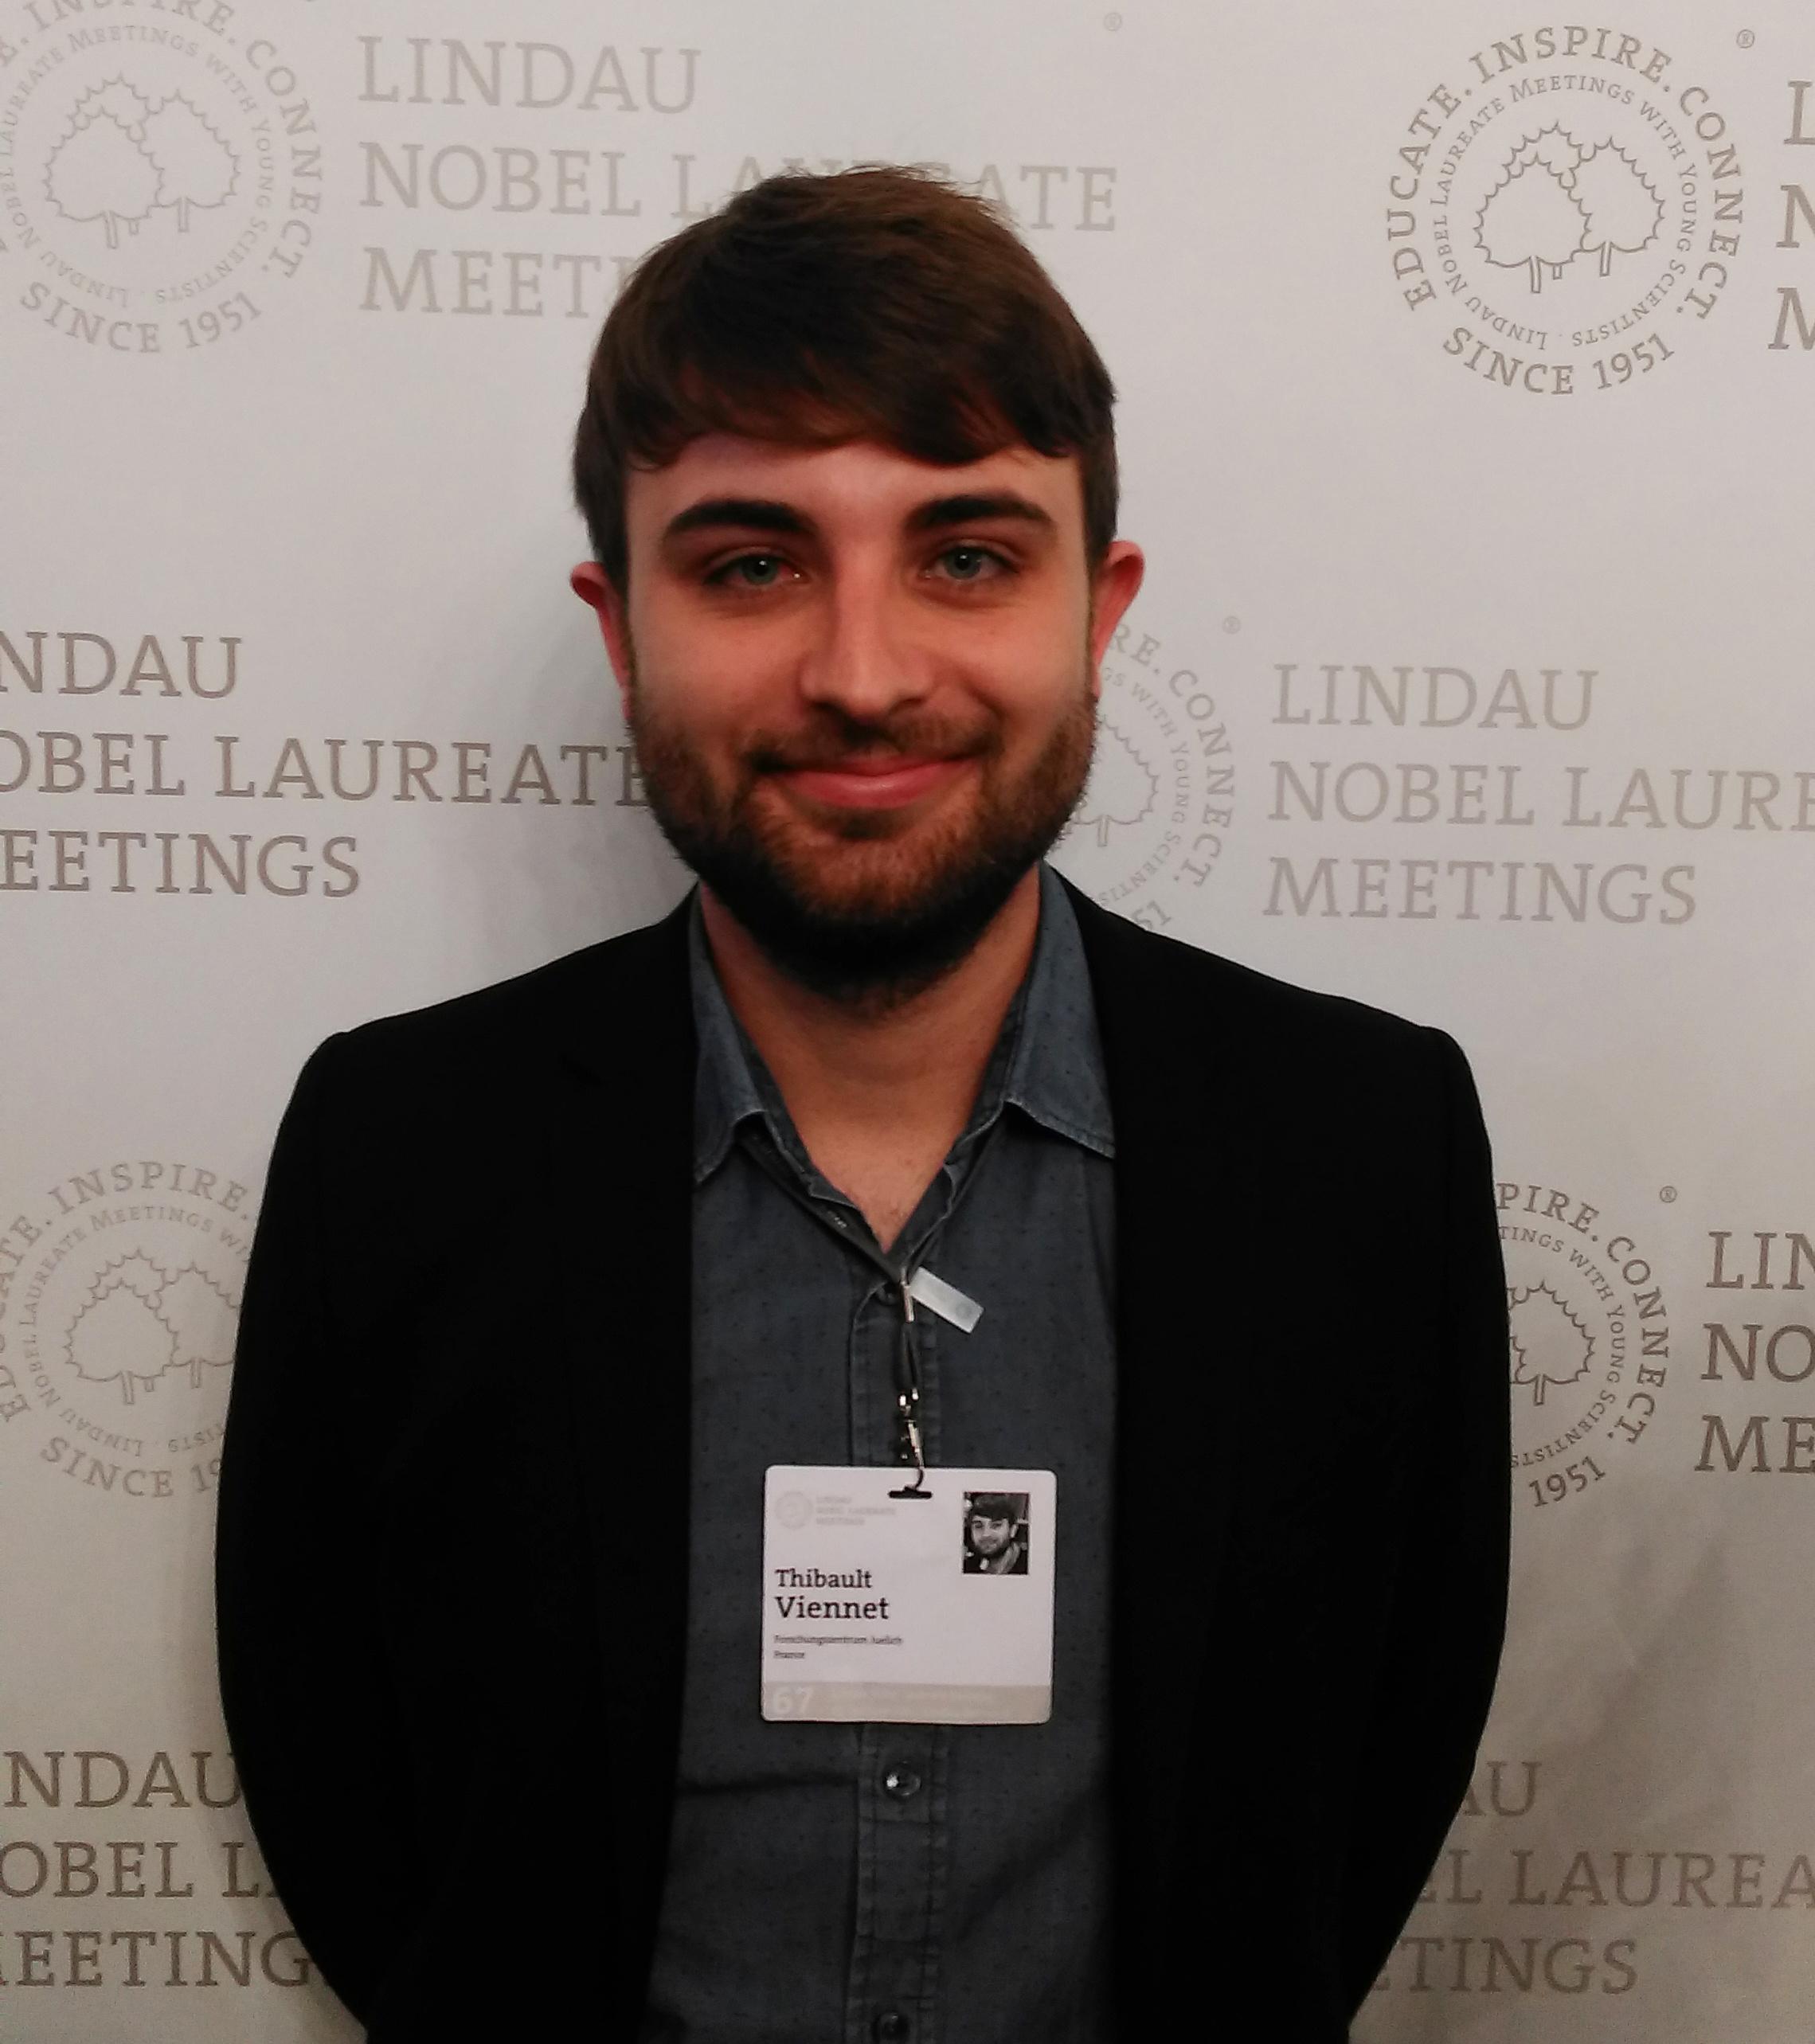 post page | The Lindau Nobel Laureate Meetings | Interdisciplinary ...